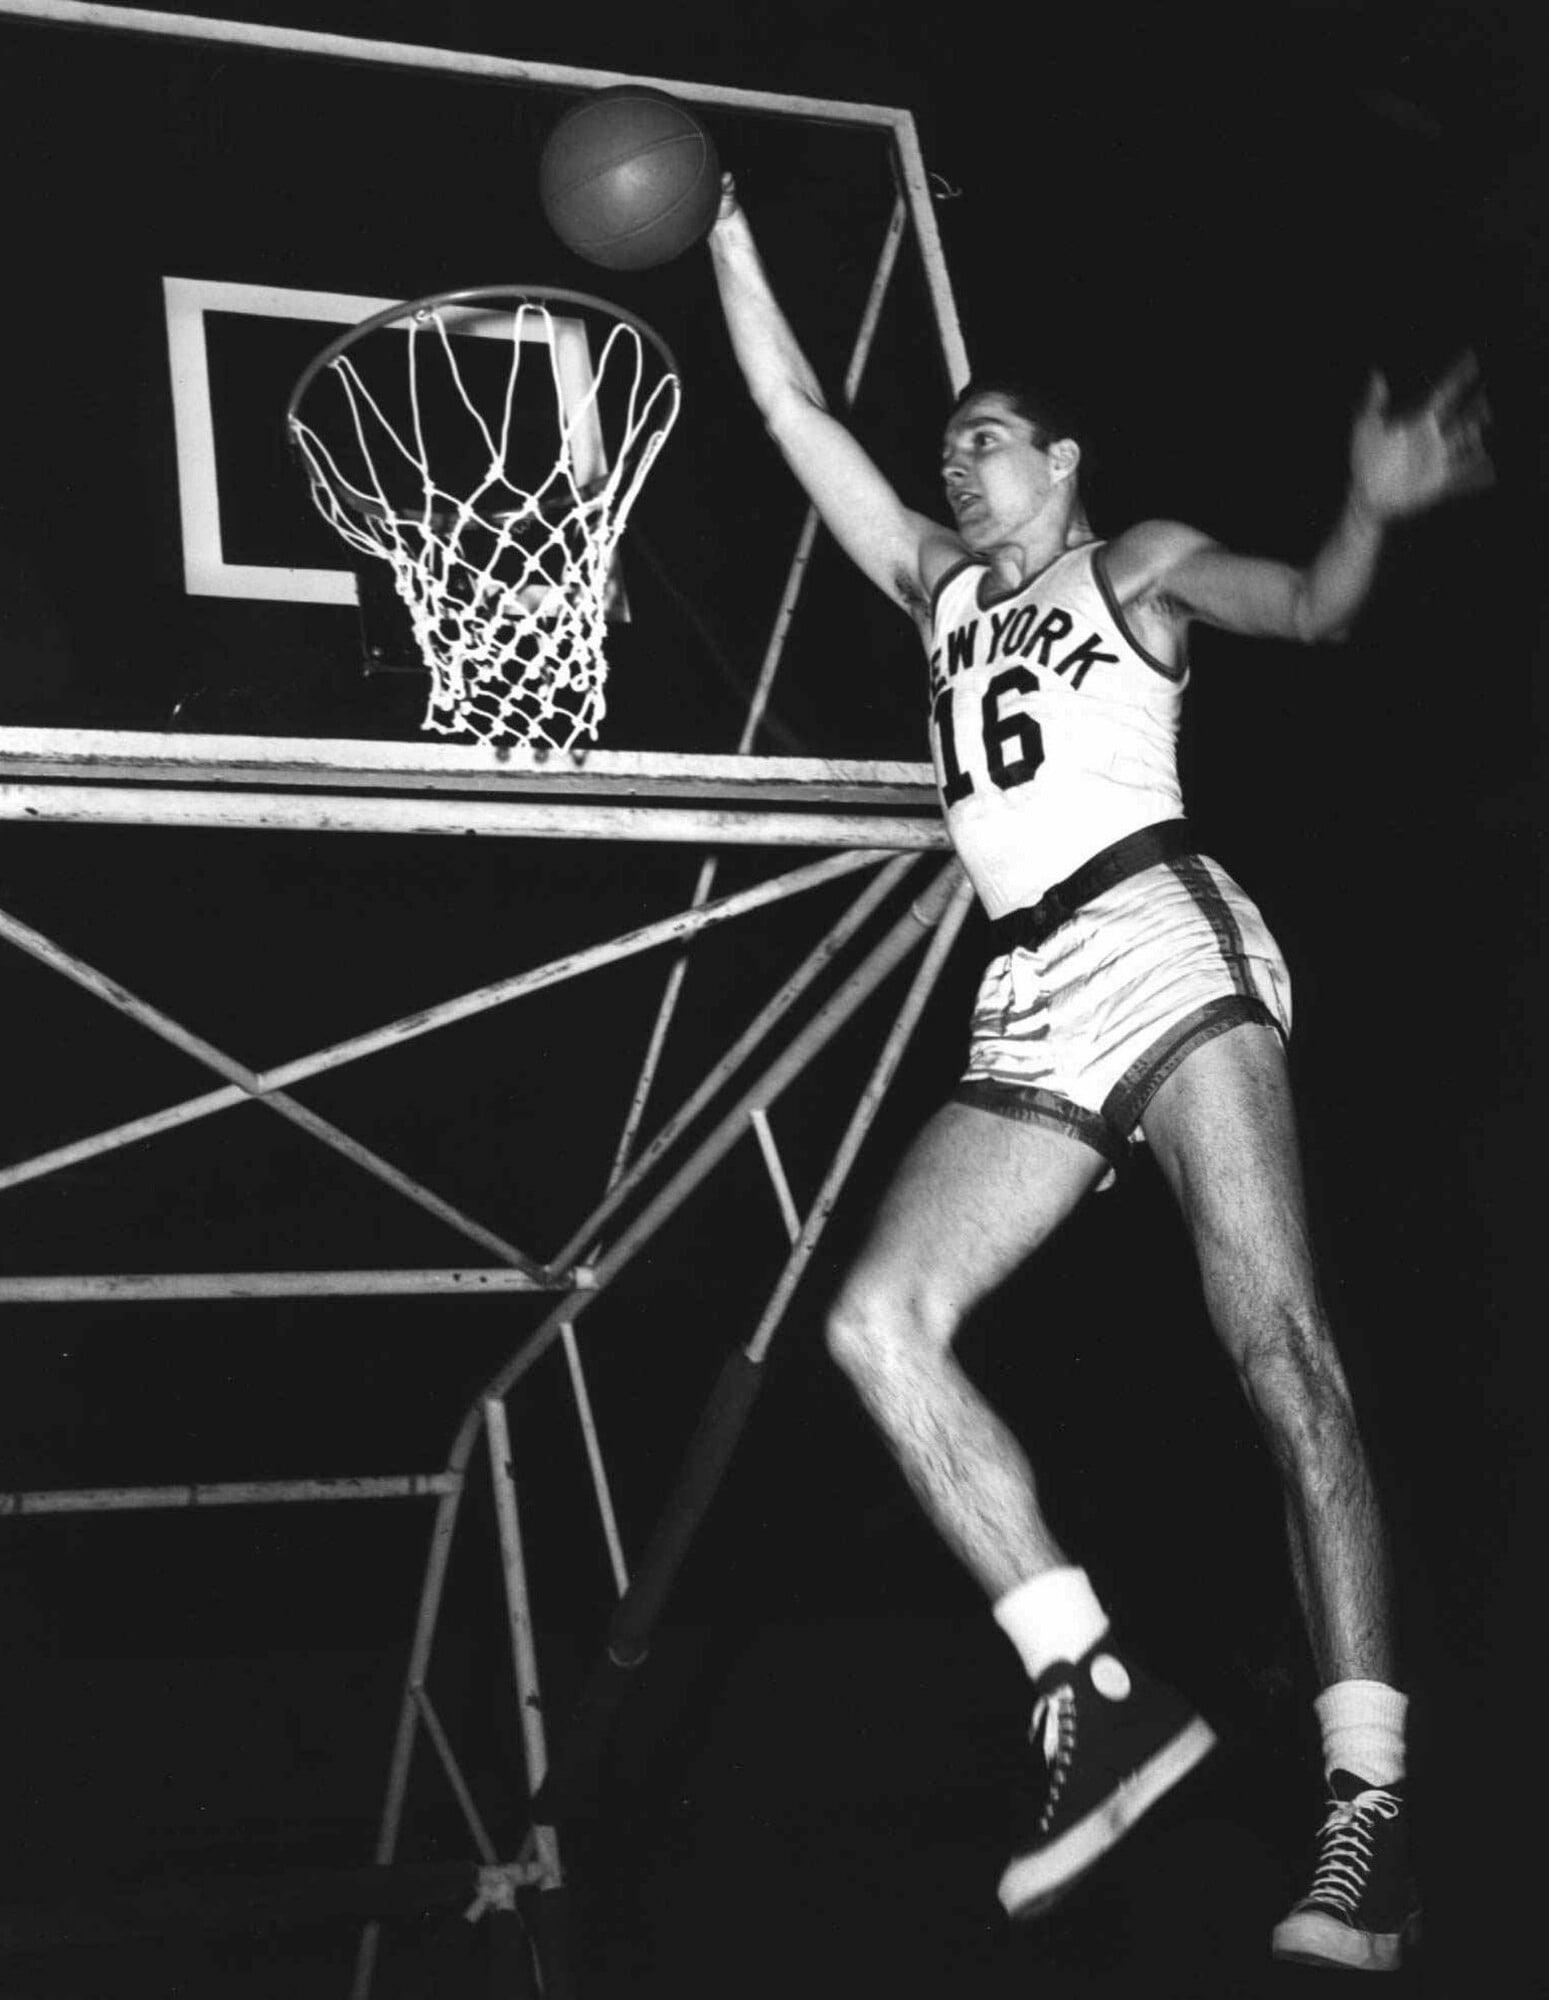 Самую титулованную команду НБА спас от исчезновения баскетболист-баянист